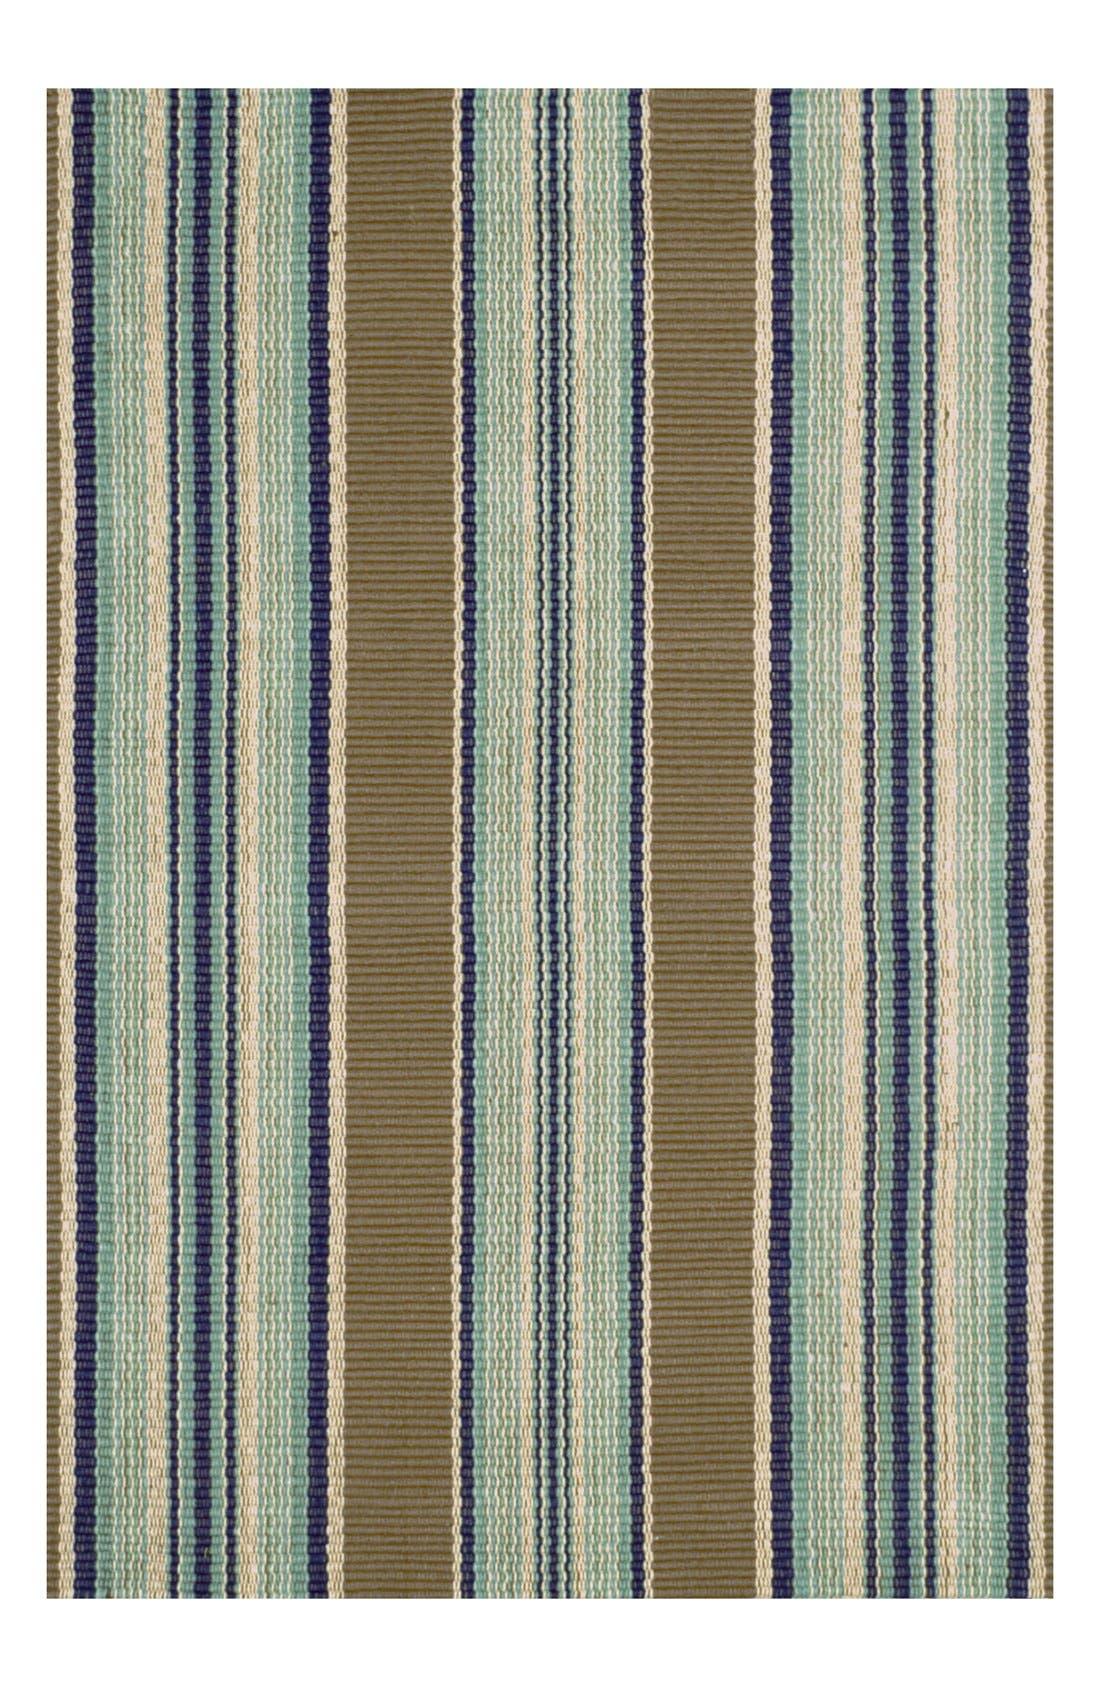 Main Image - Dash & Albert 'Blue Heron' Stripe Cotton Rug.